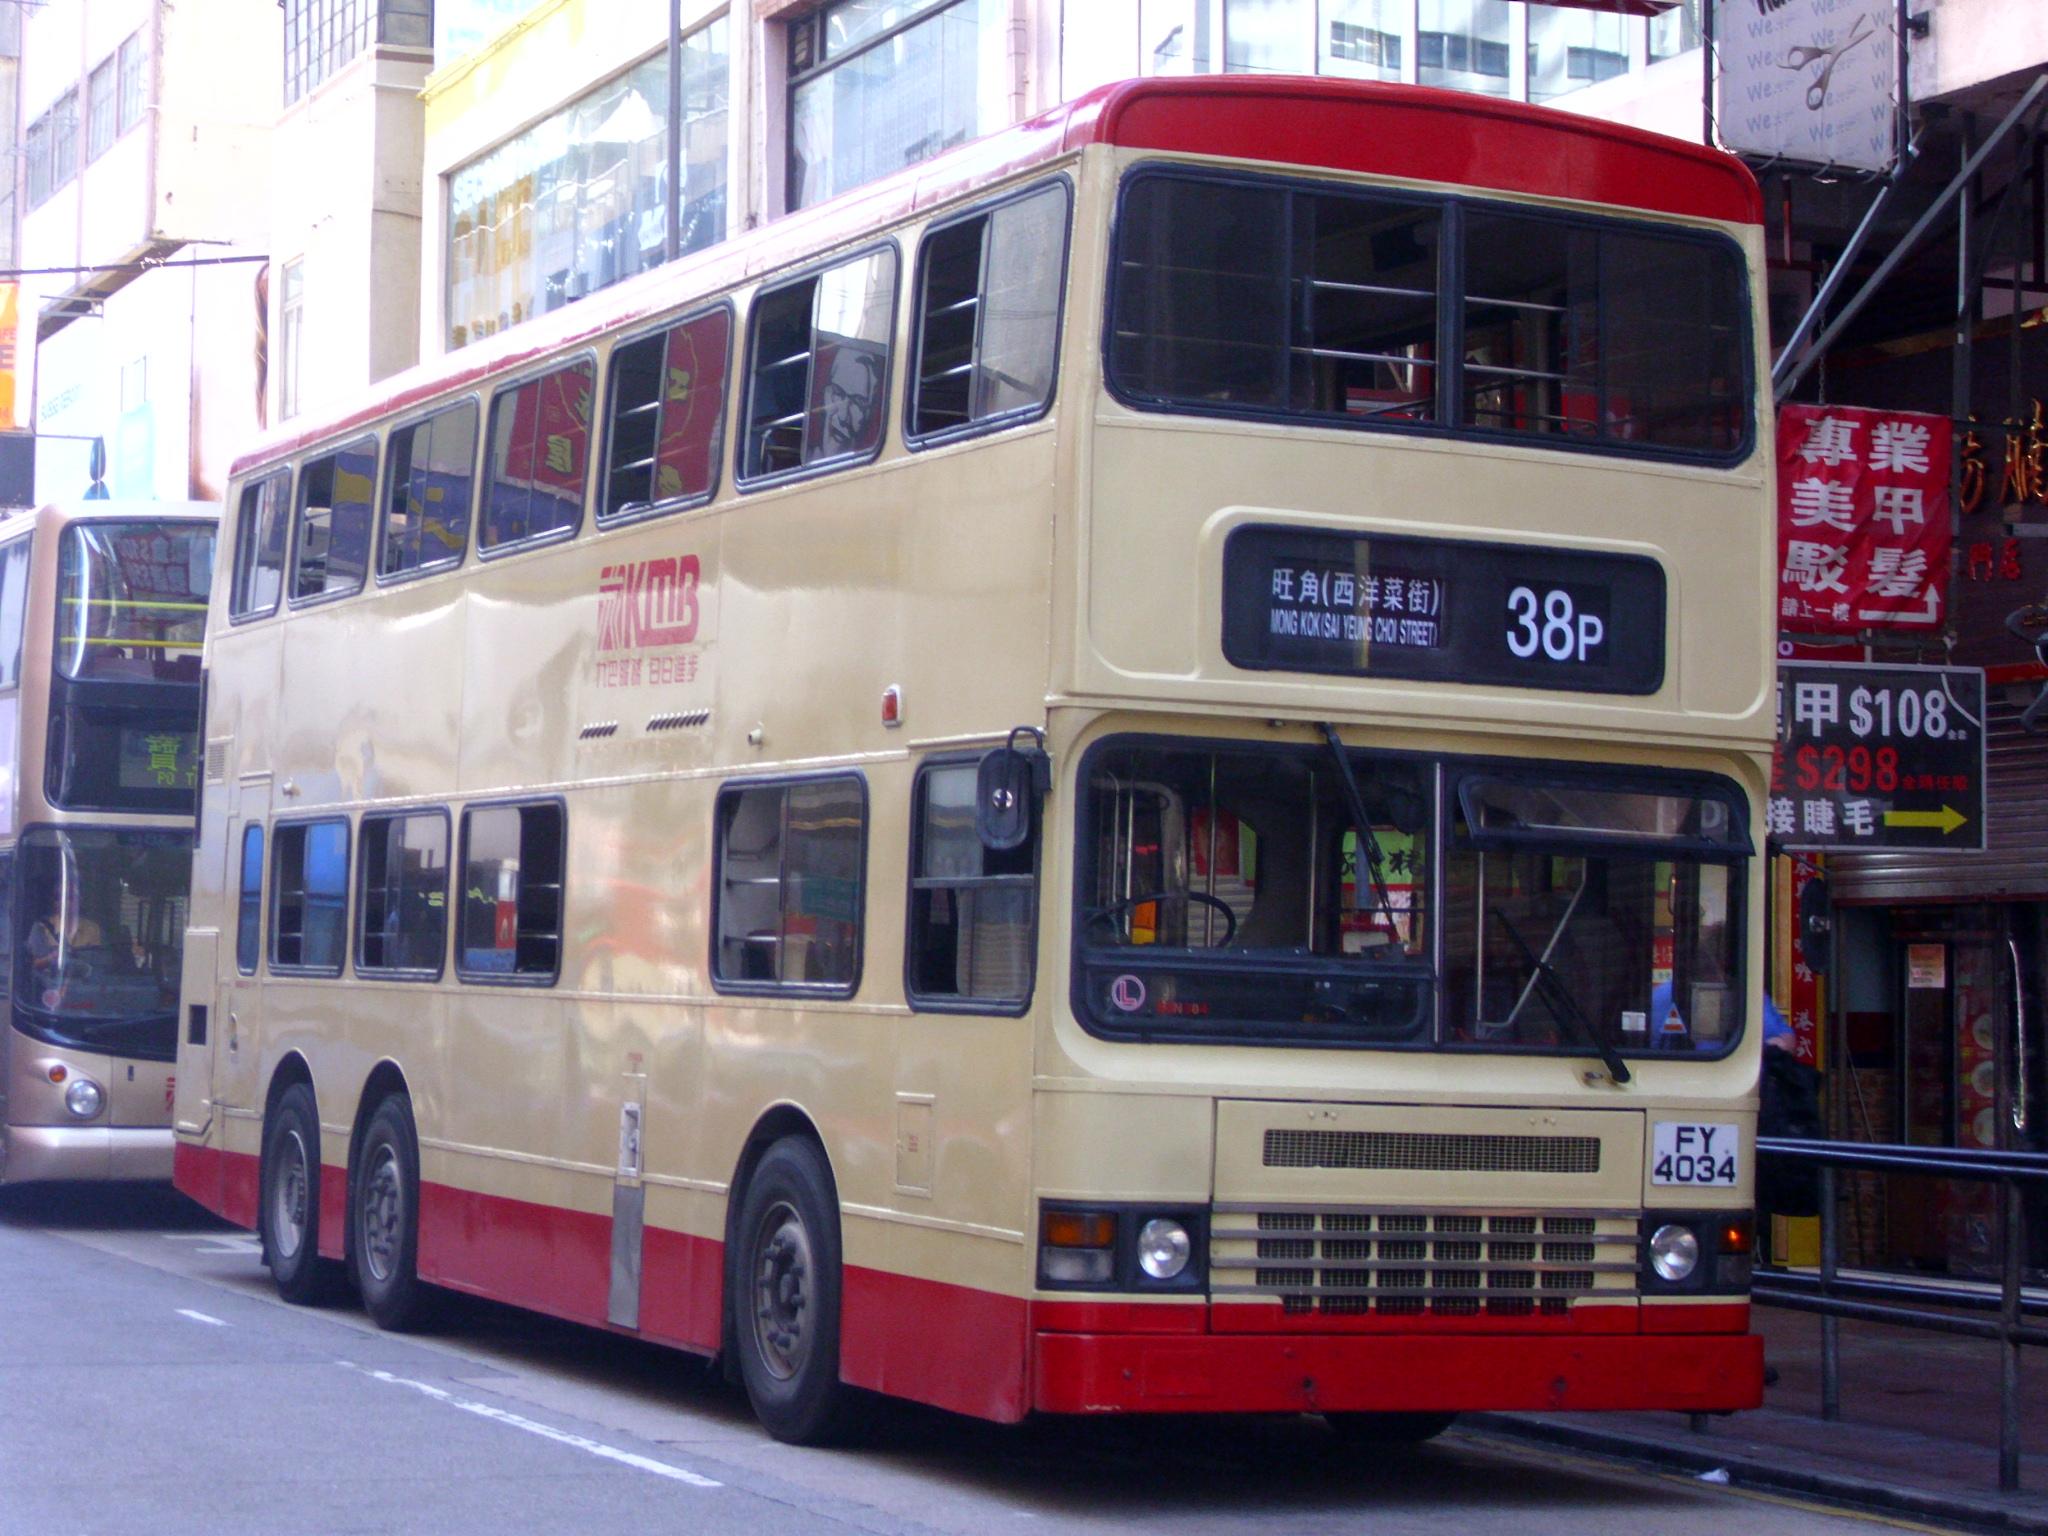 九巴38P線 (第一代)